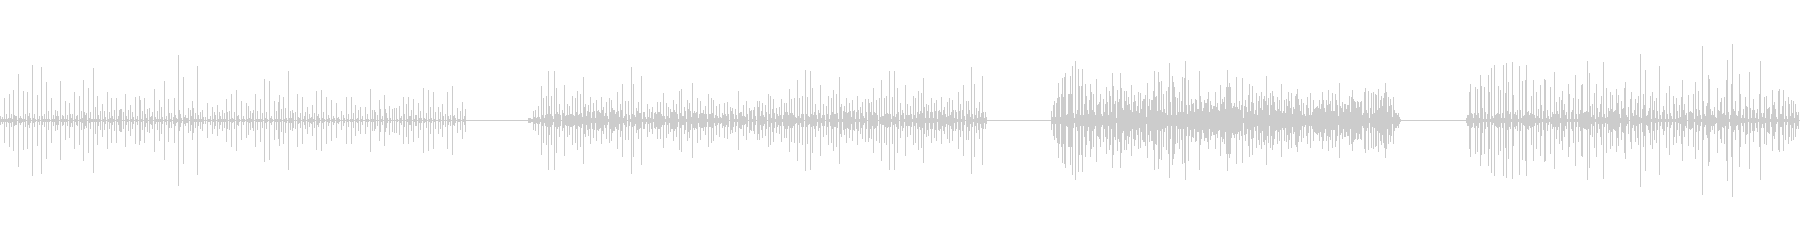 カートン、ランニング、4バージョン...の未再生の波形